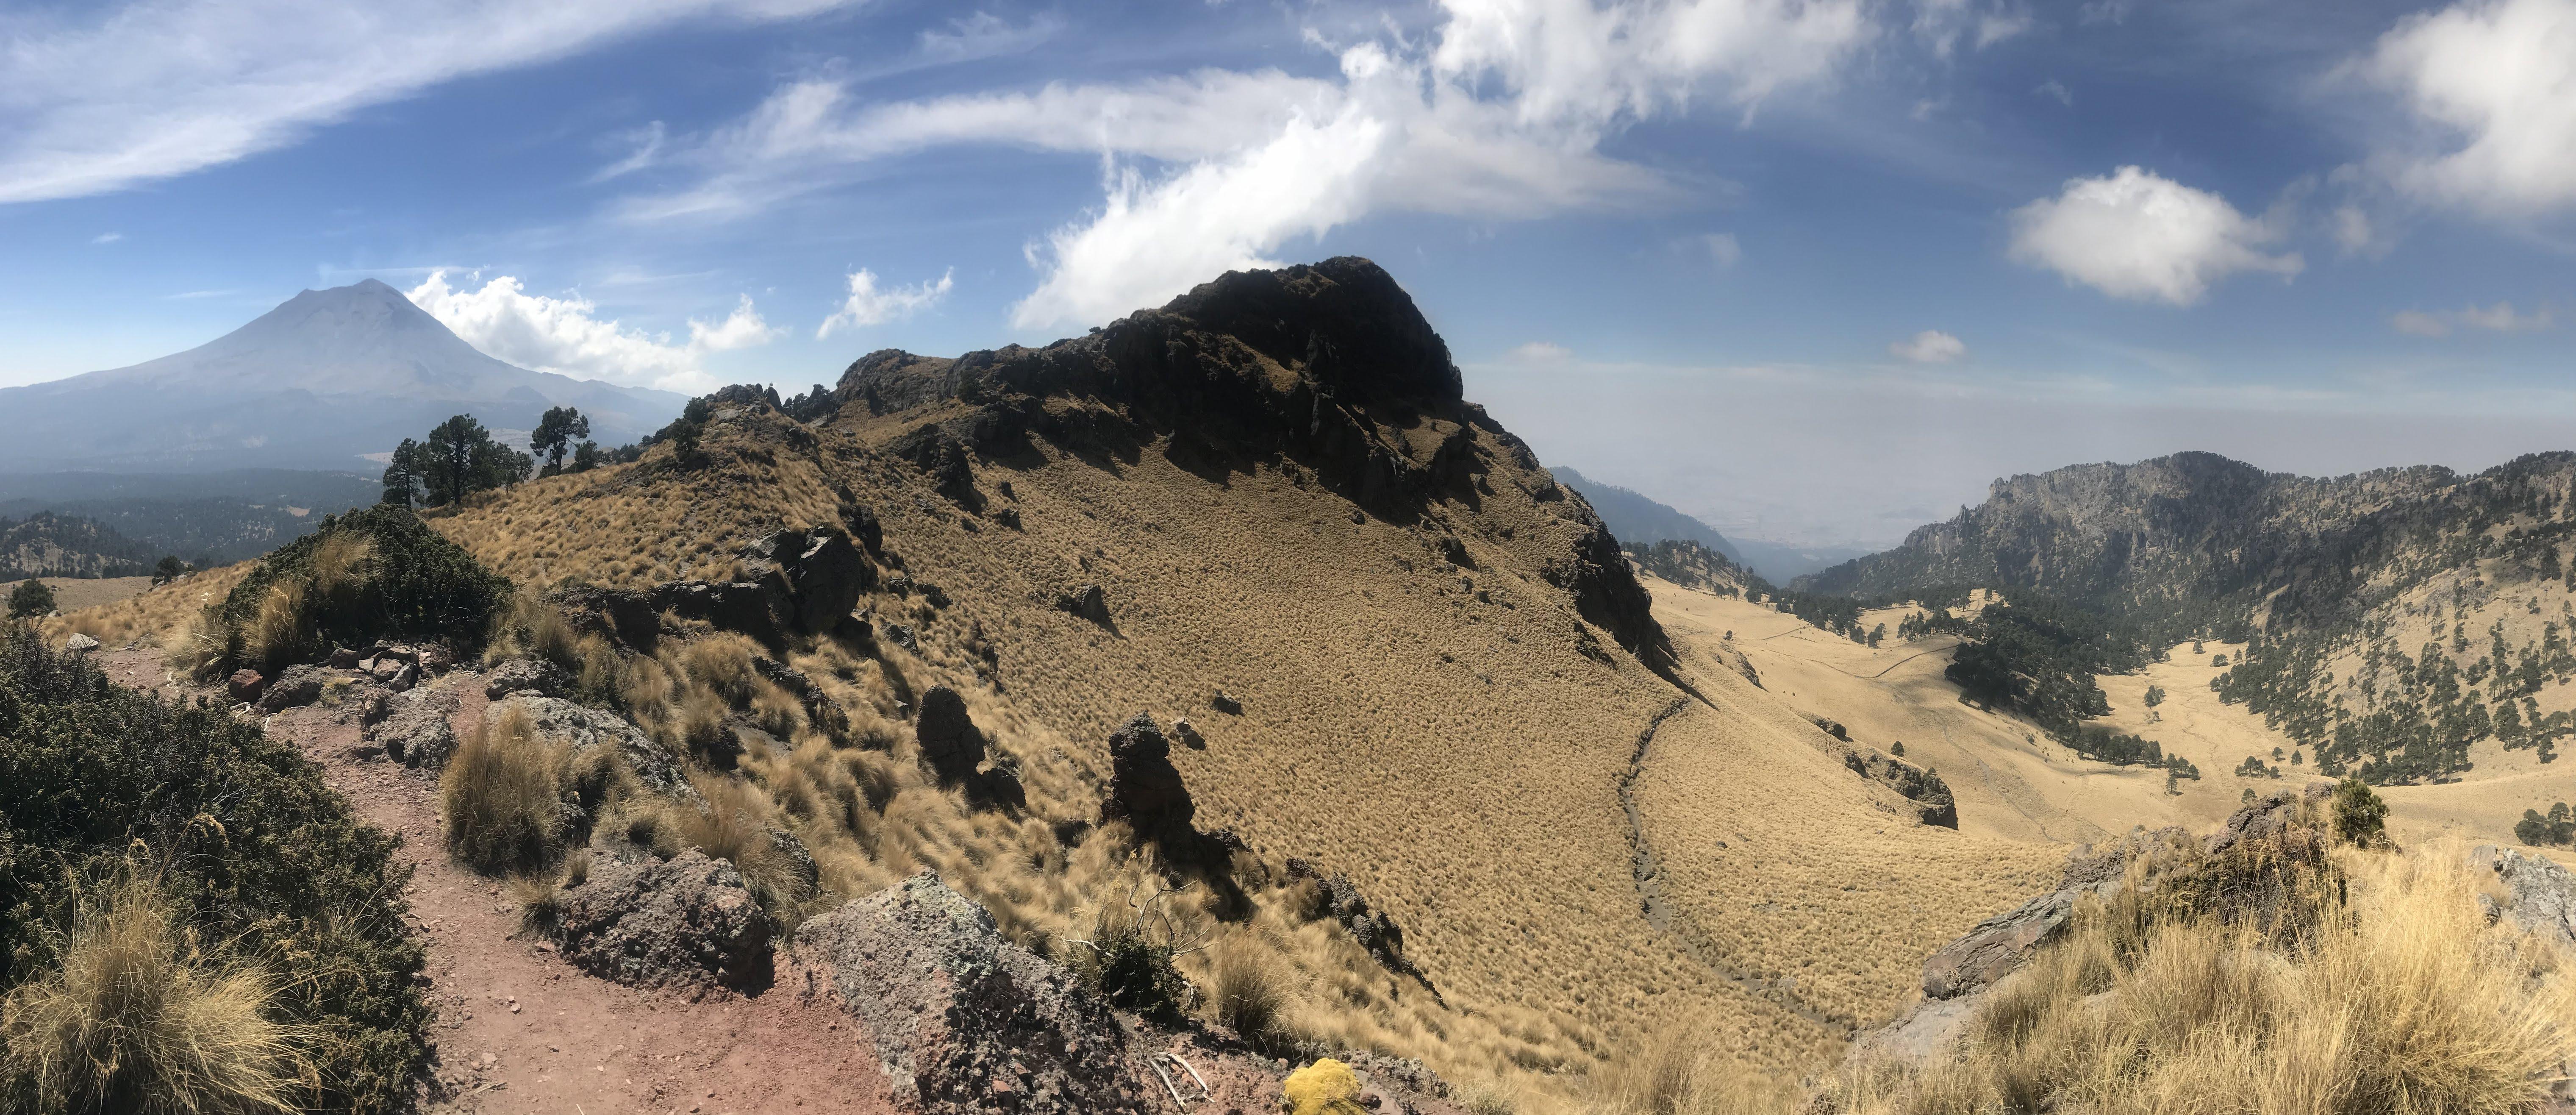 hiking in Izta-Popo National Park